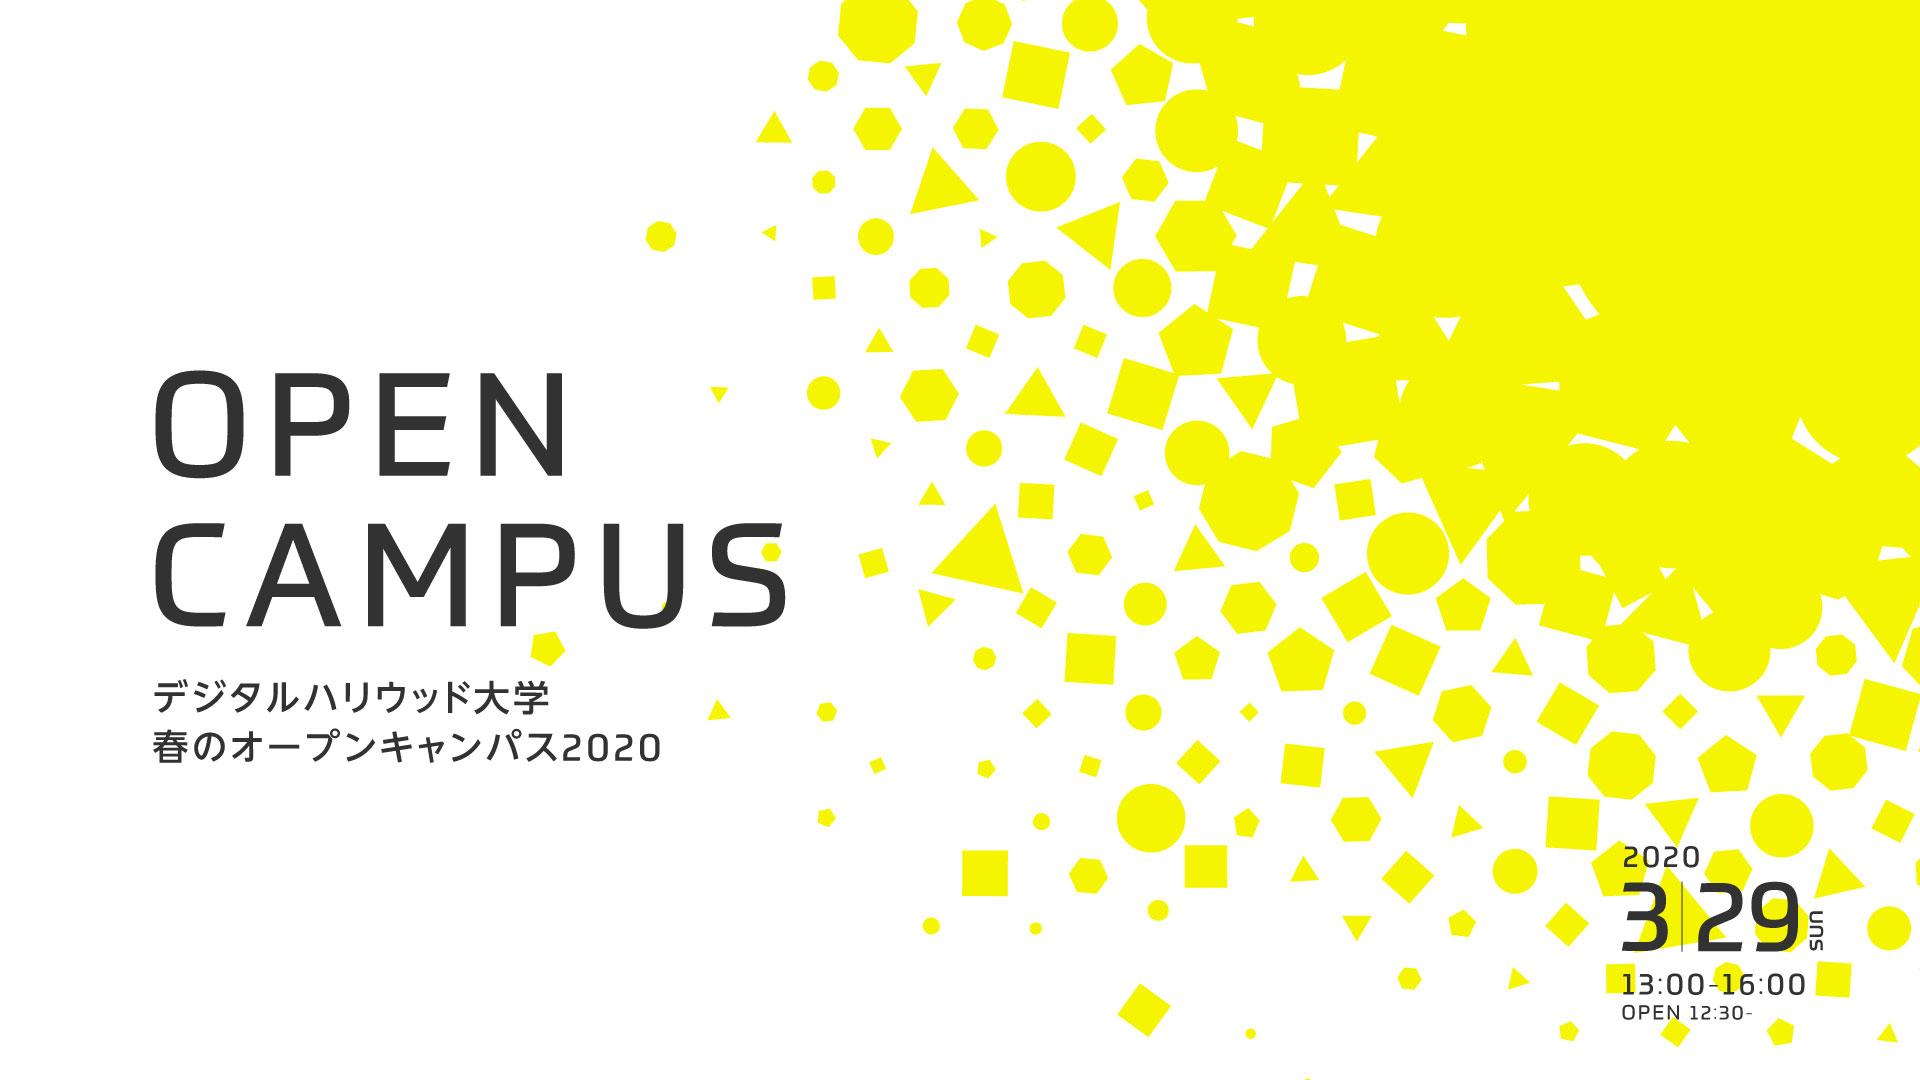 【開催レポート】春のオープンキャンパス2020【デジタルハリウッド大学】